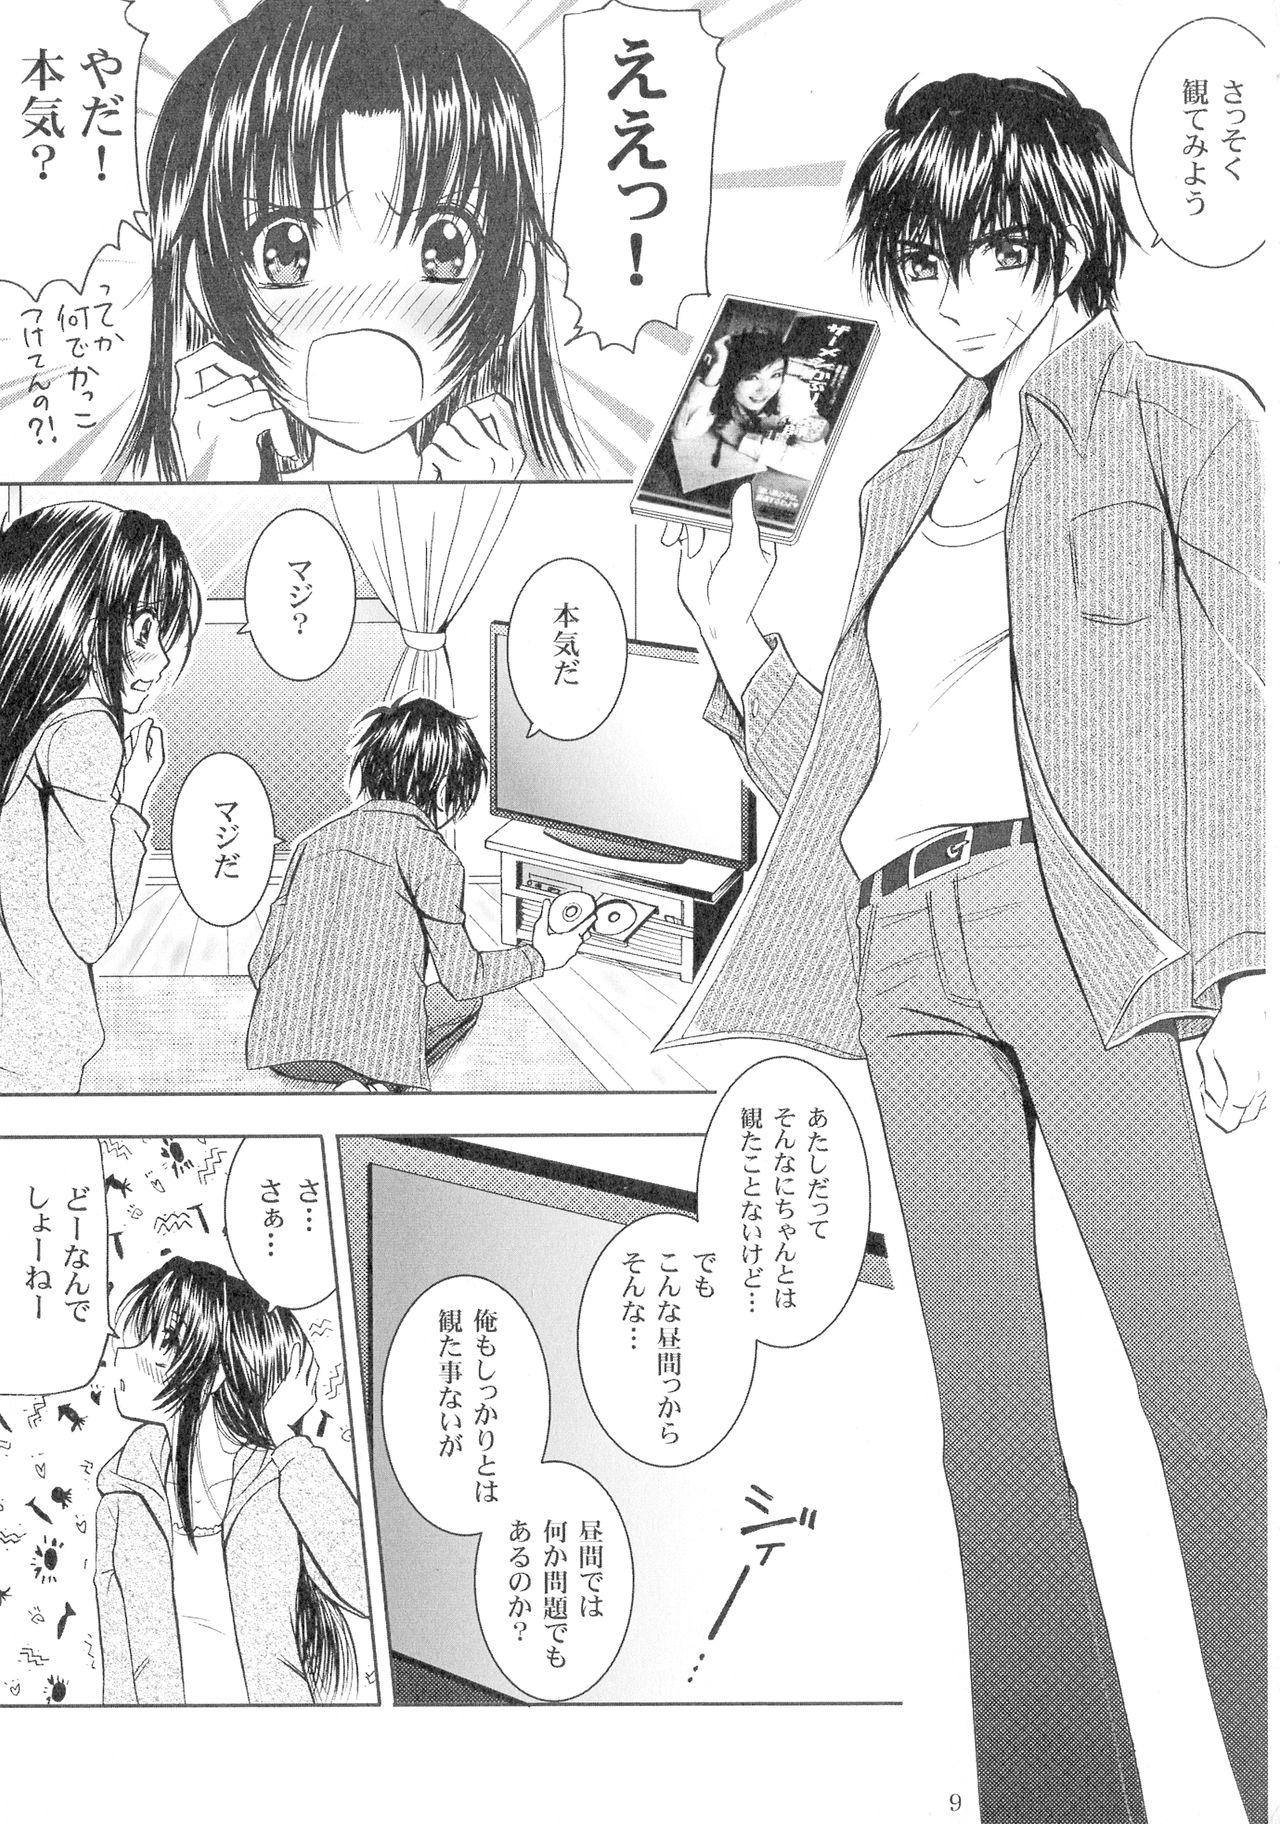 SEXY PANIC Sairoku-shuu VOL.3 8